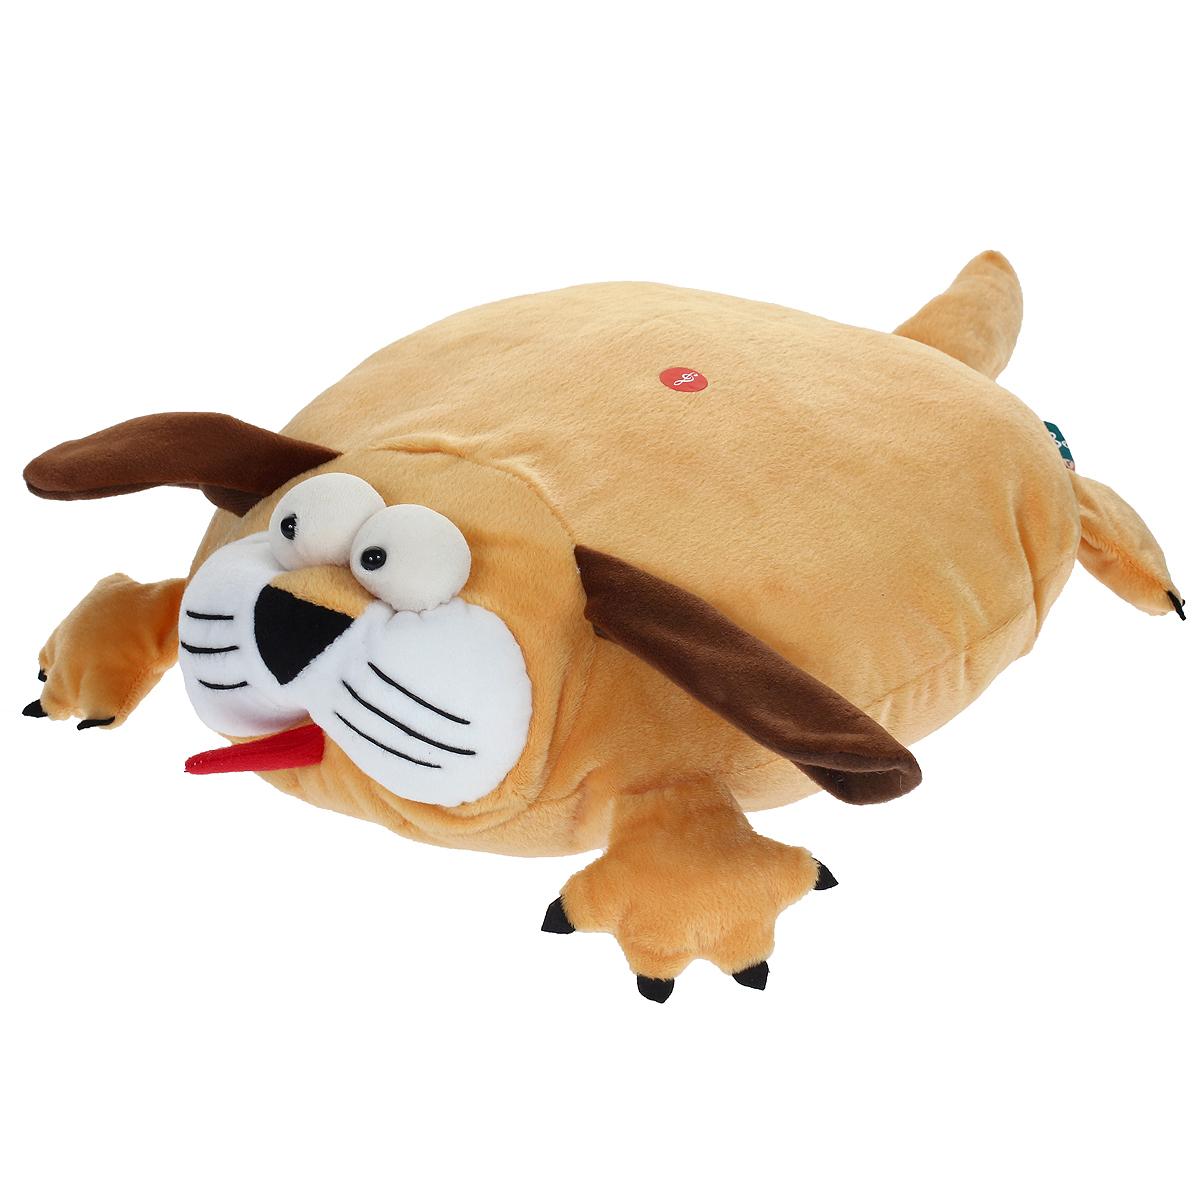 Мягкая озвученная игрушка-подушка Magic Bear Toys Собака цвет: светло-коричневый, коричневыйSAF2005-ZF-M-1Очаровательная мягкая игрушка-подушка Magic Bear Toys Собака не оставит равнодушным ни ребенка, ни взрослого. Приятная на ощупь игрушка выполнена в виде милого песика с объемной головой, лапками и хвостом, туловище собачки является подушкой. Если нажать на подушку, то песик будет гавкать. Такая игрушка-подушка прекрасно дополнит интерьер детской комнаты.